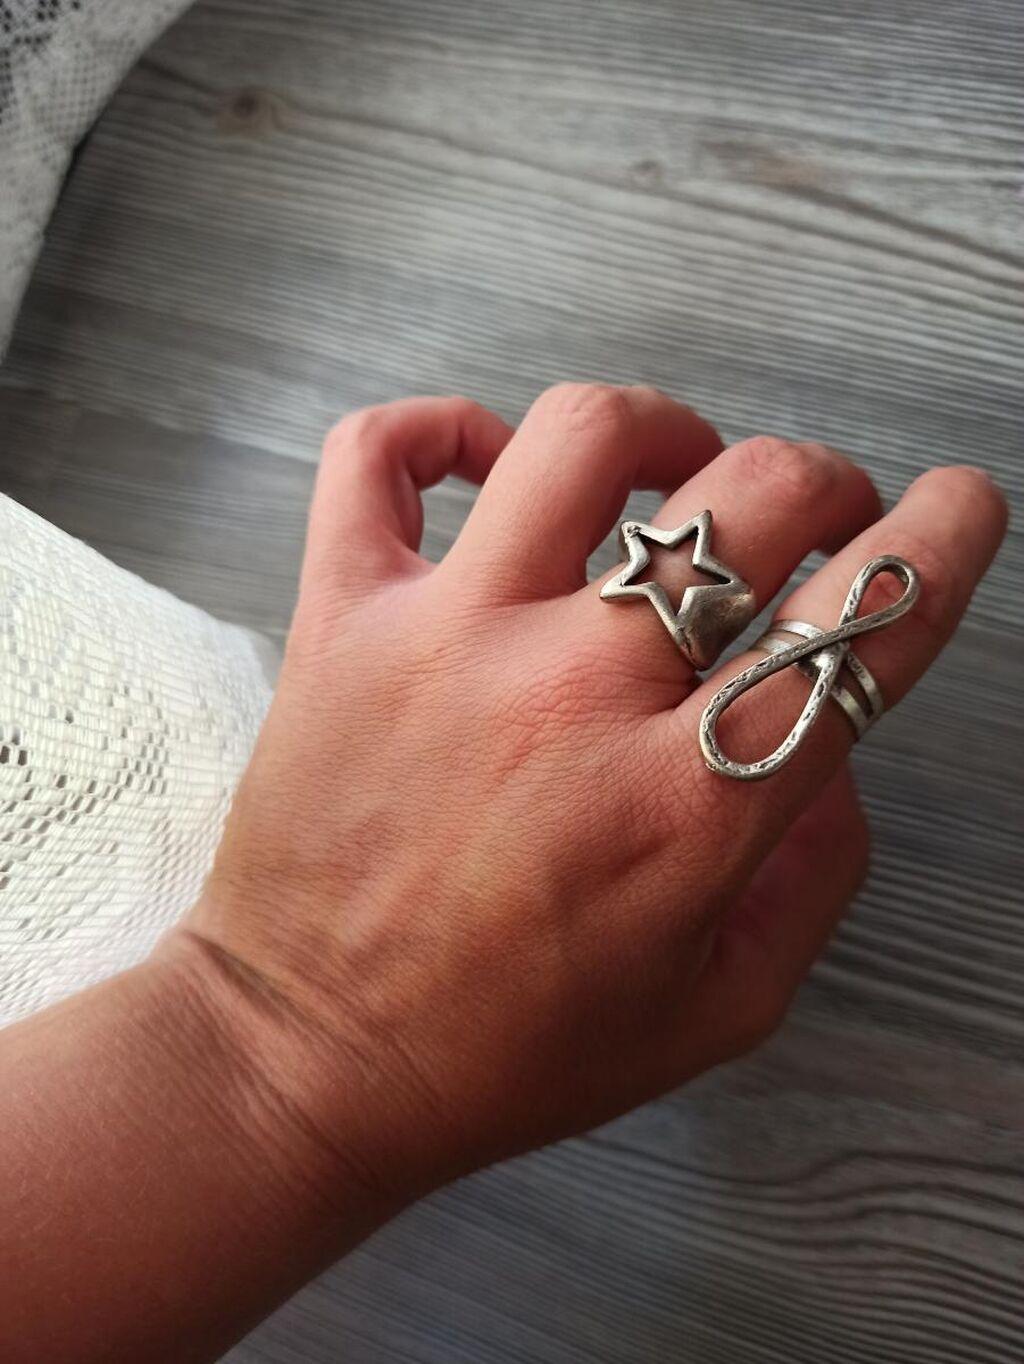 Δαχτυλιδια και σκουλαρικια ασιμί. Τα χρυσα χαριζονται!